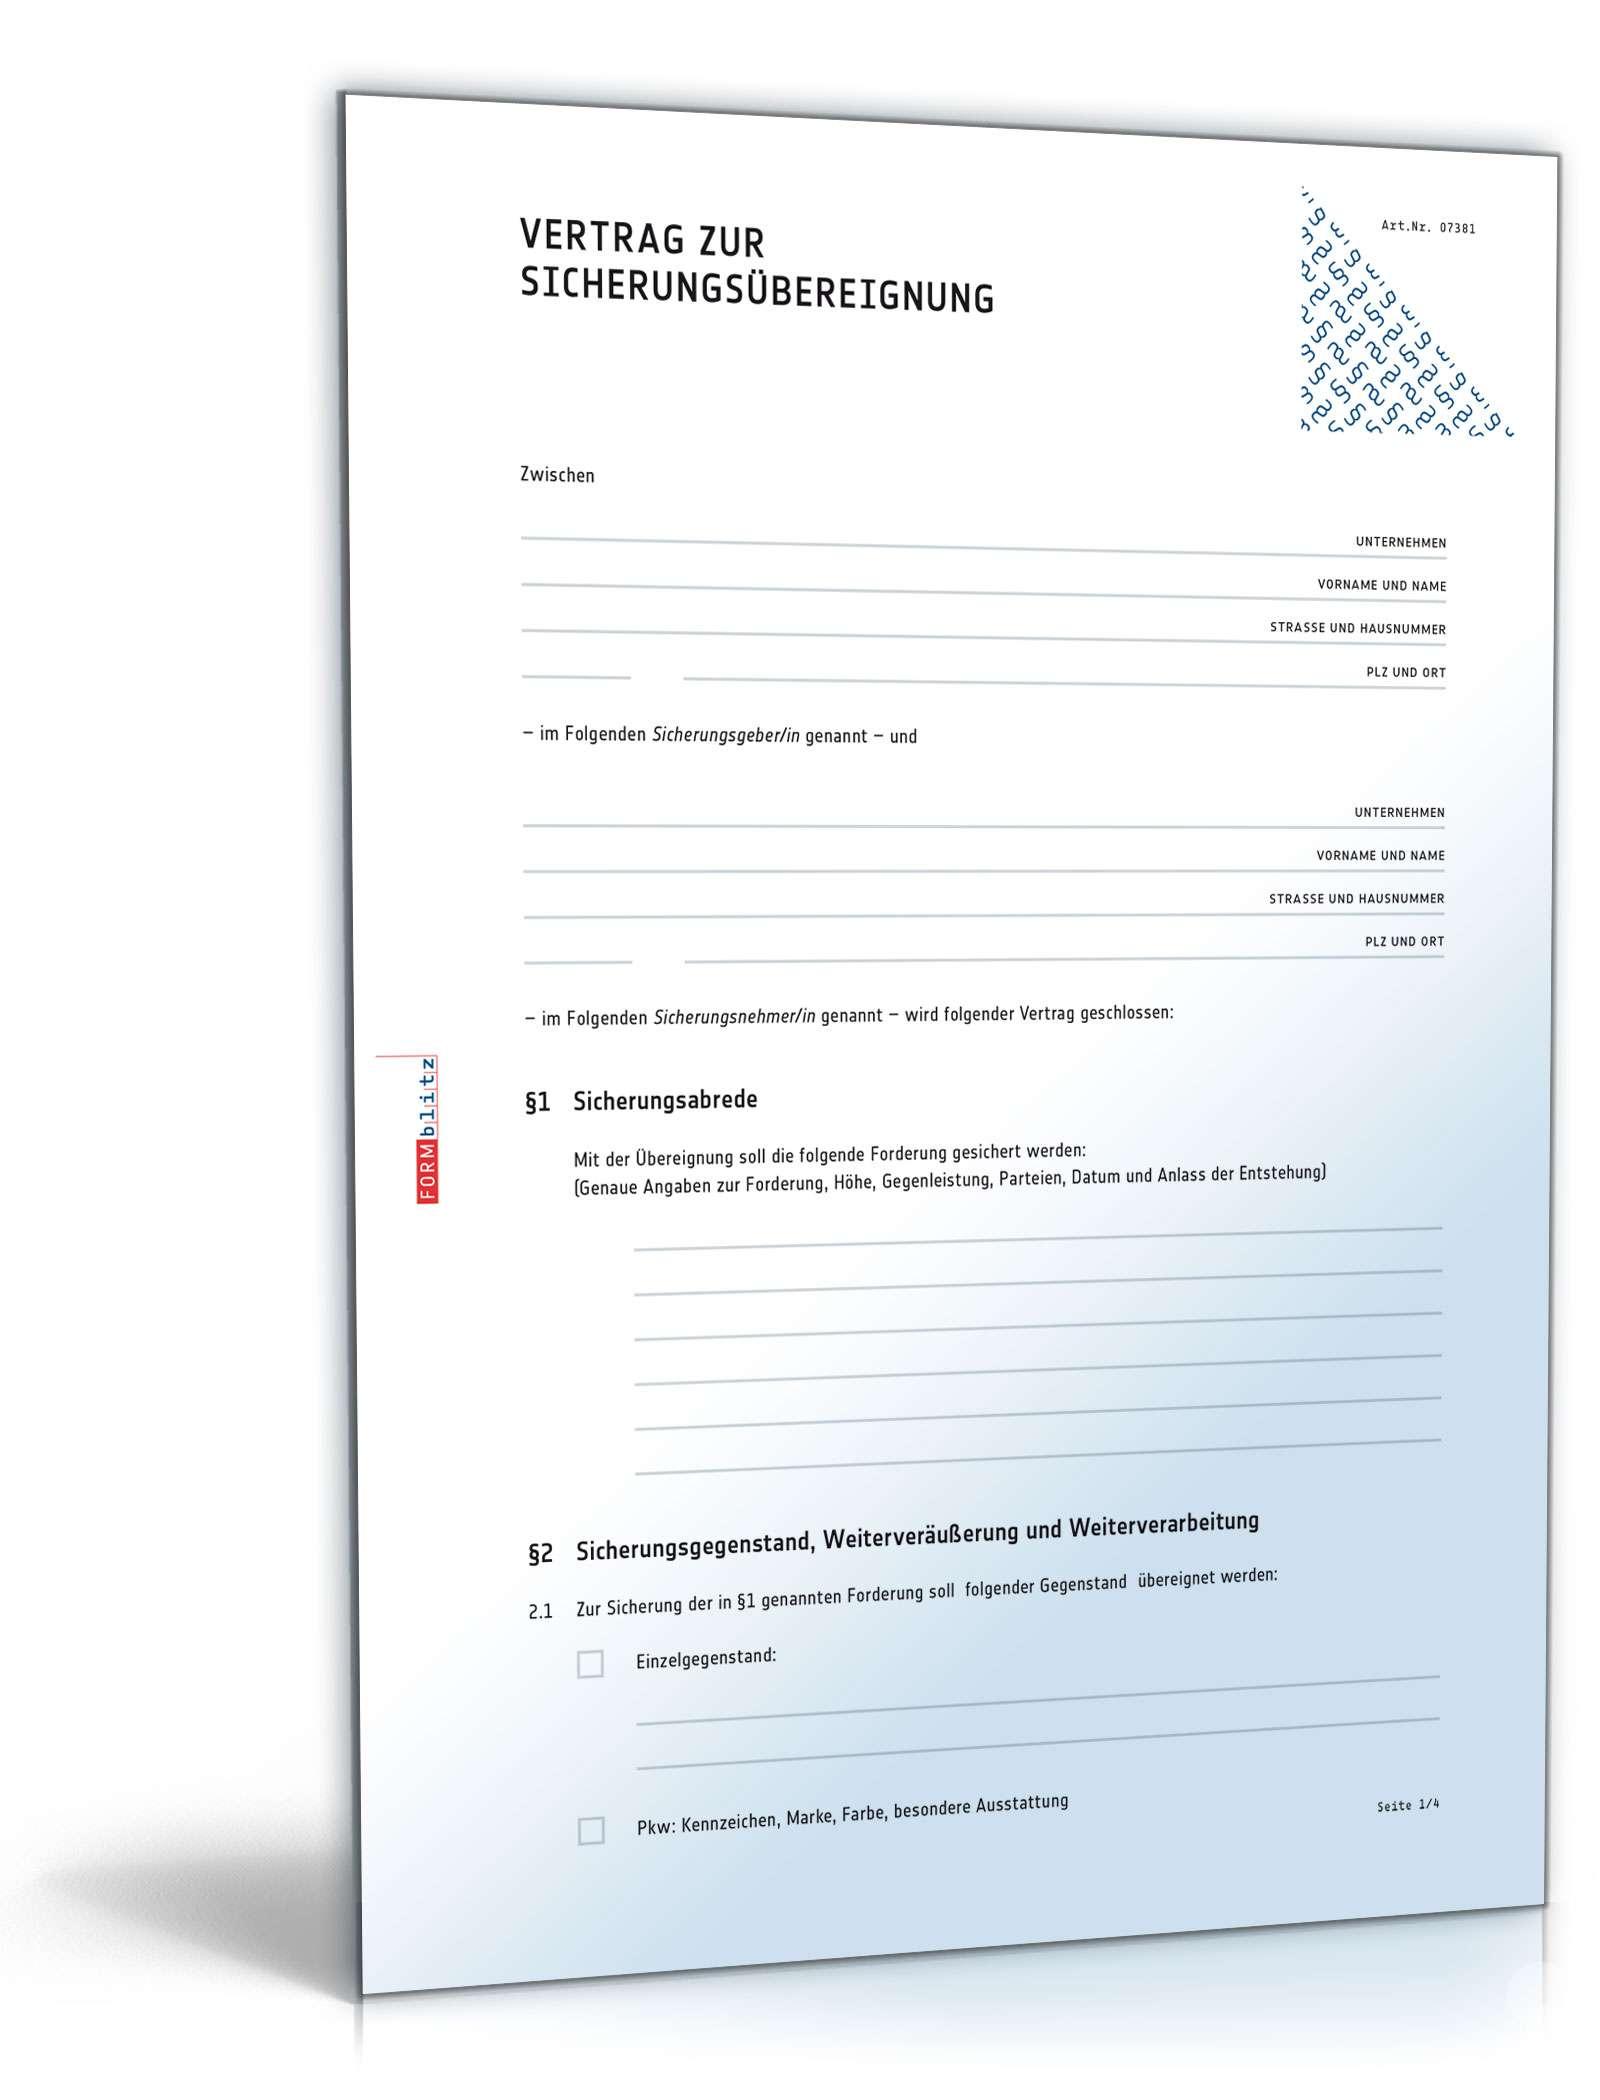 Vertrag Zur Sicherungsübereignung Muster Zum Download